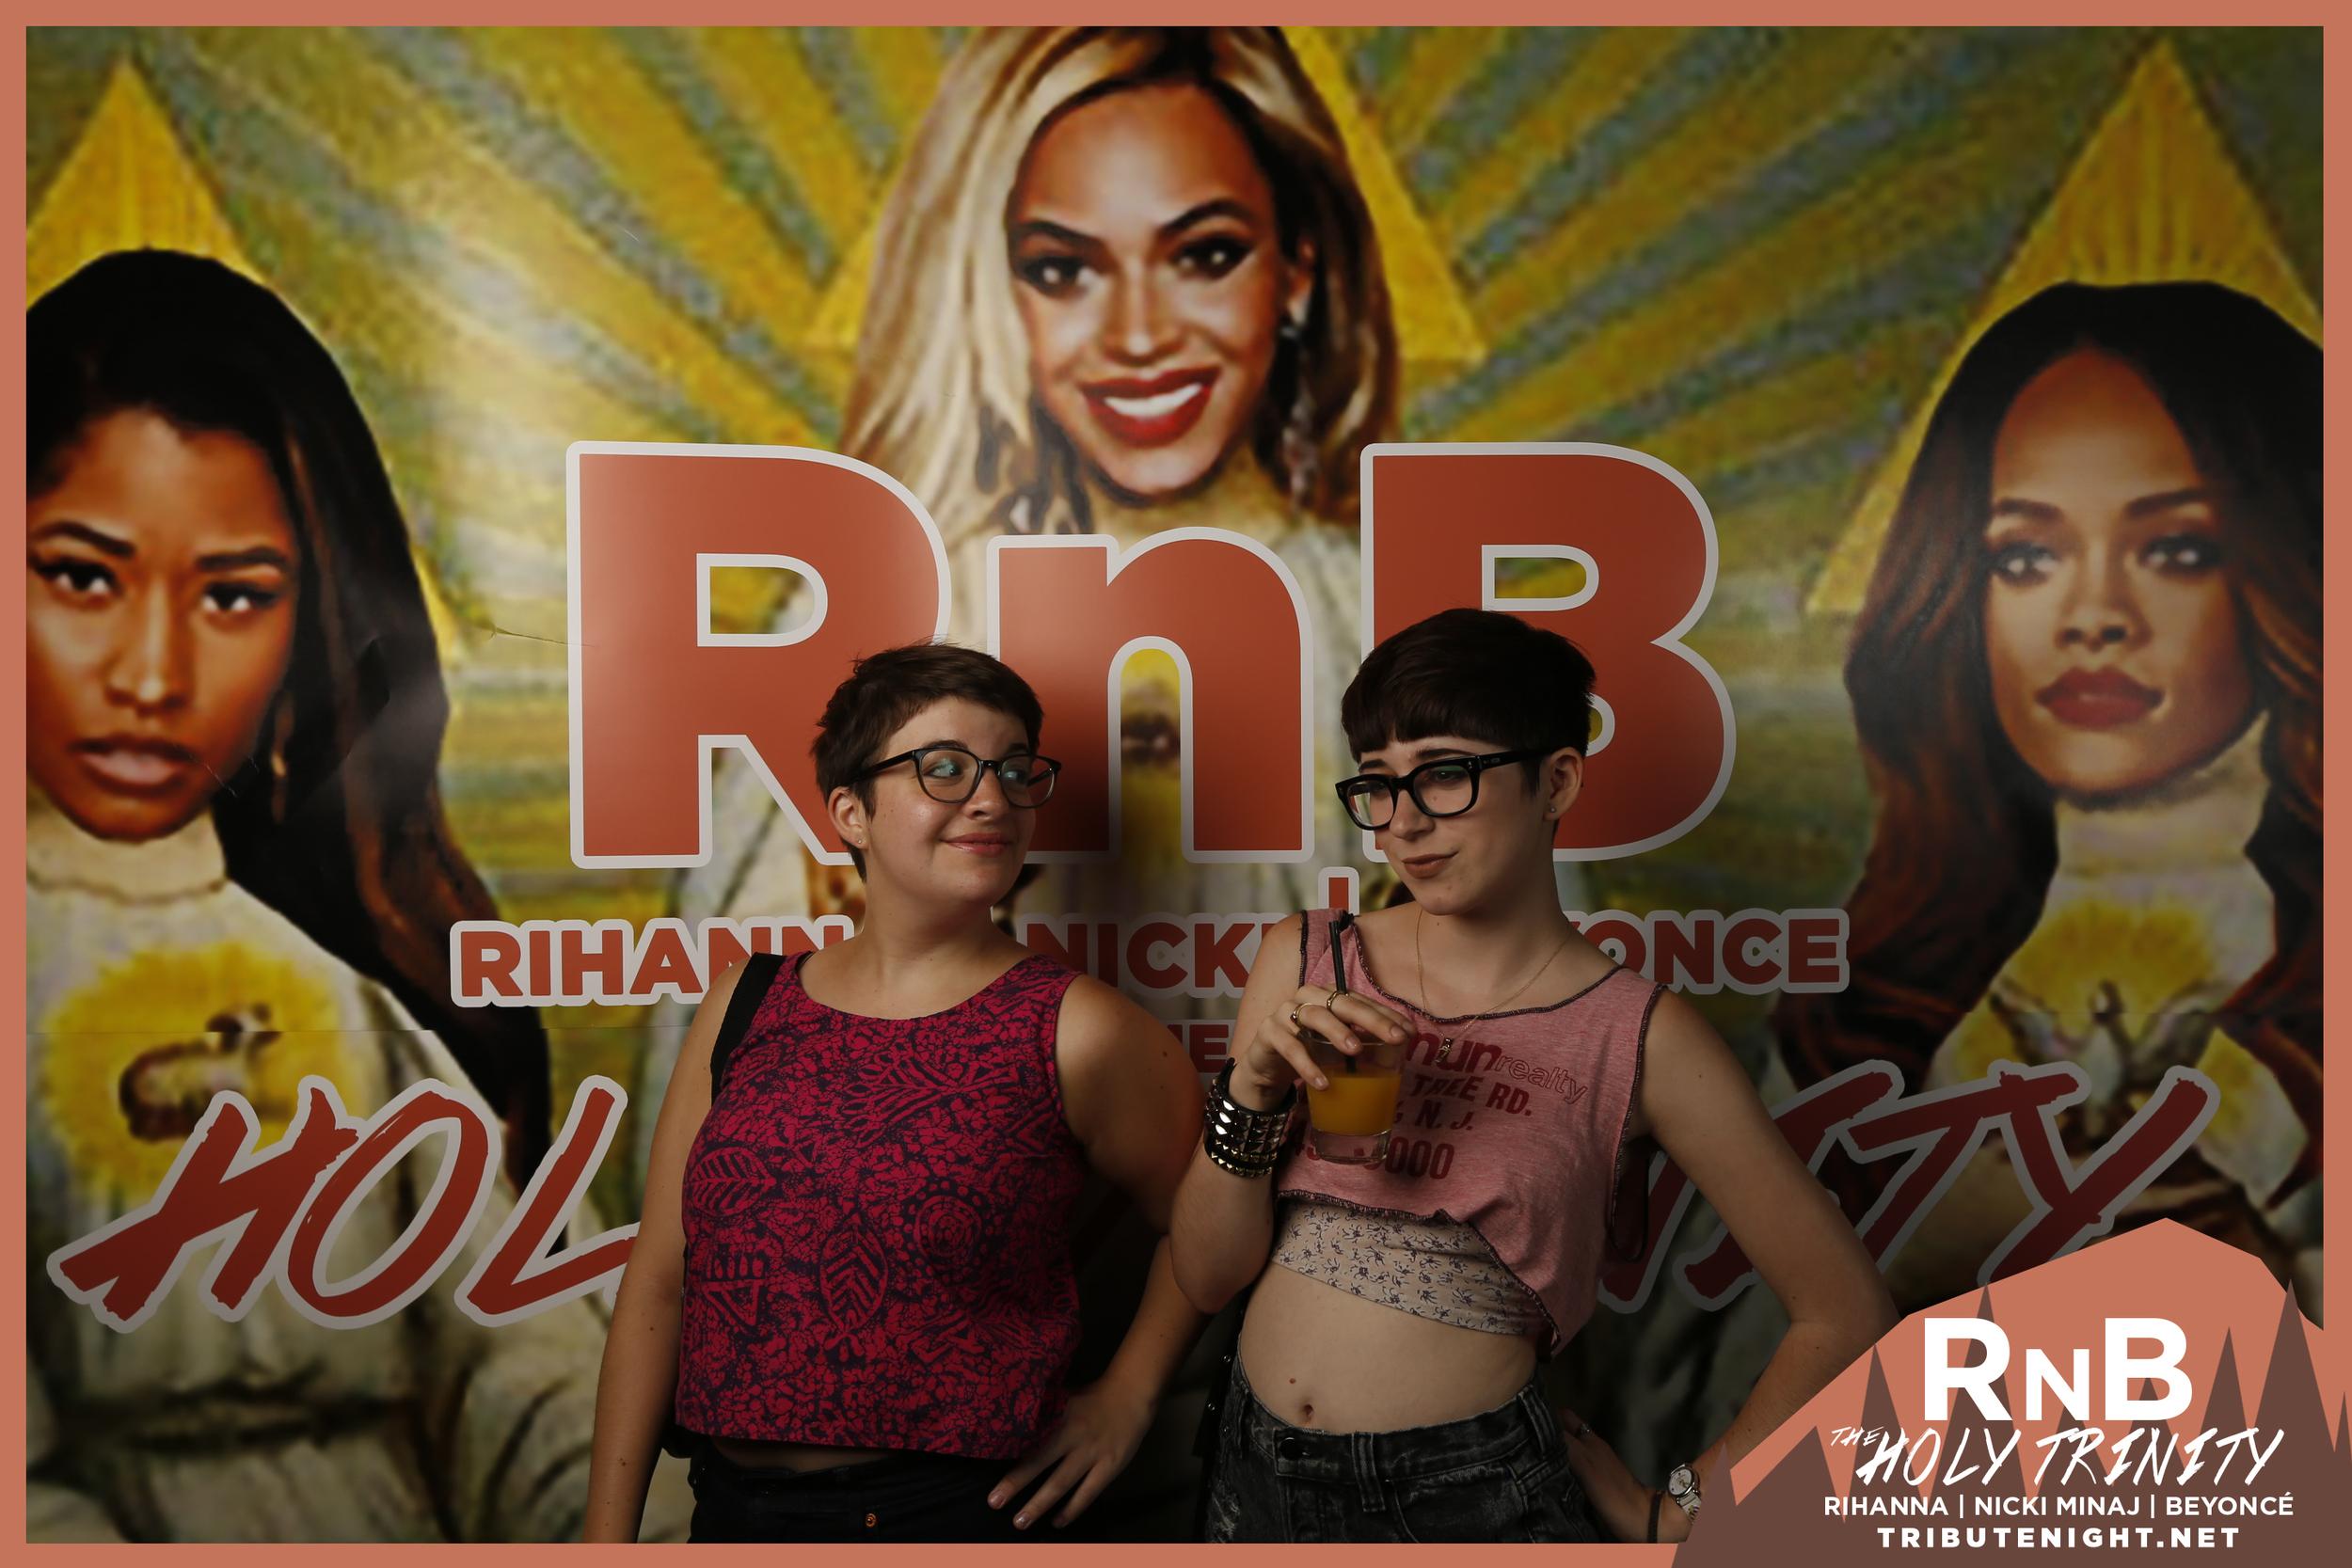 RnB pt 46097.jpg